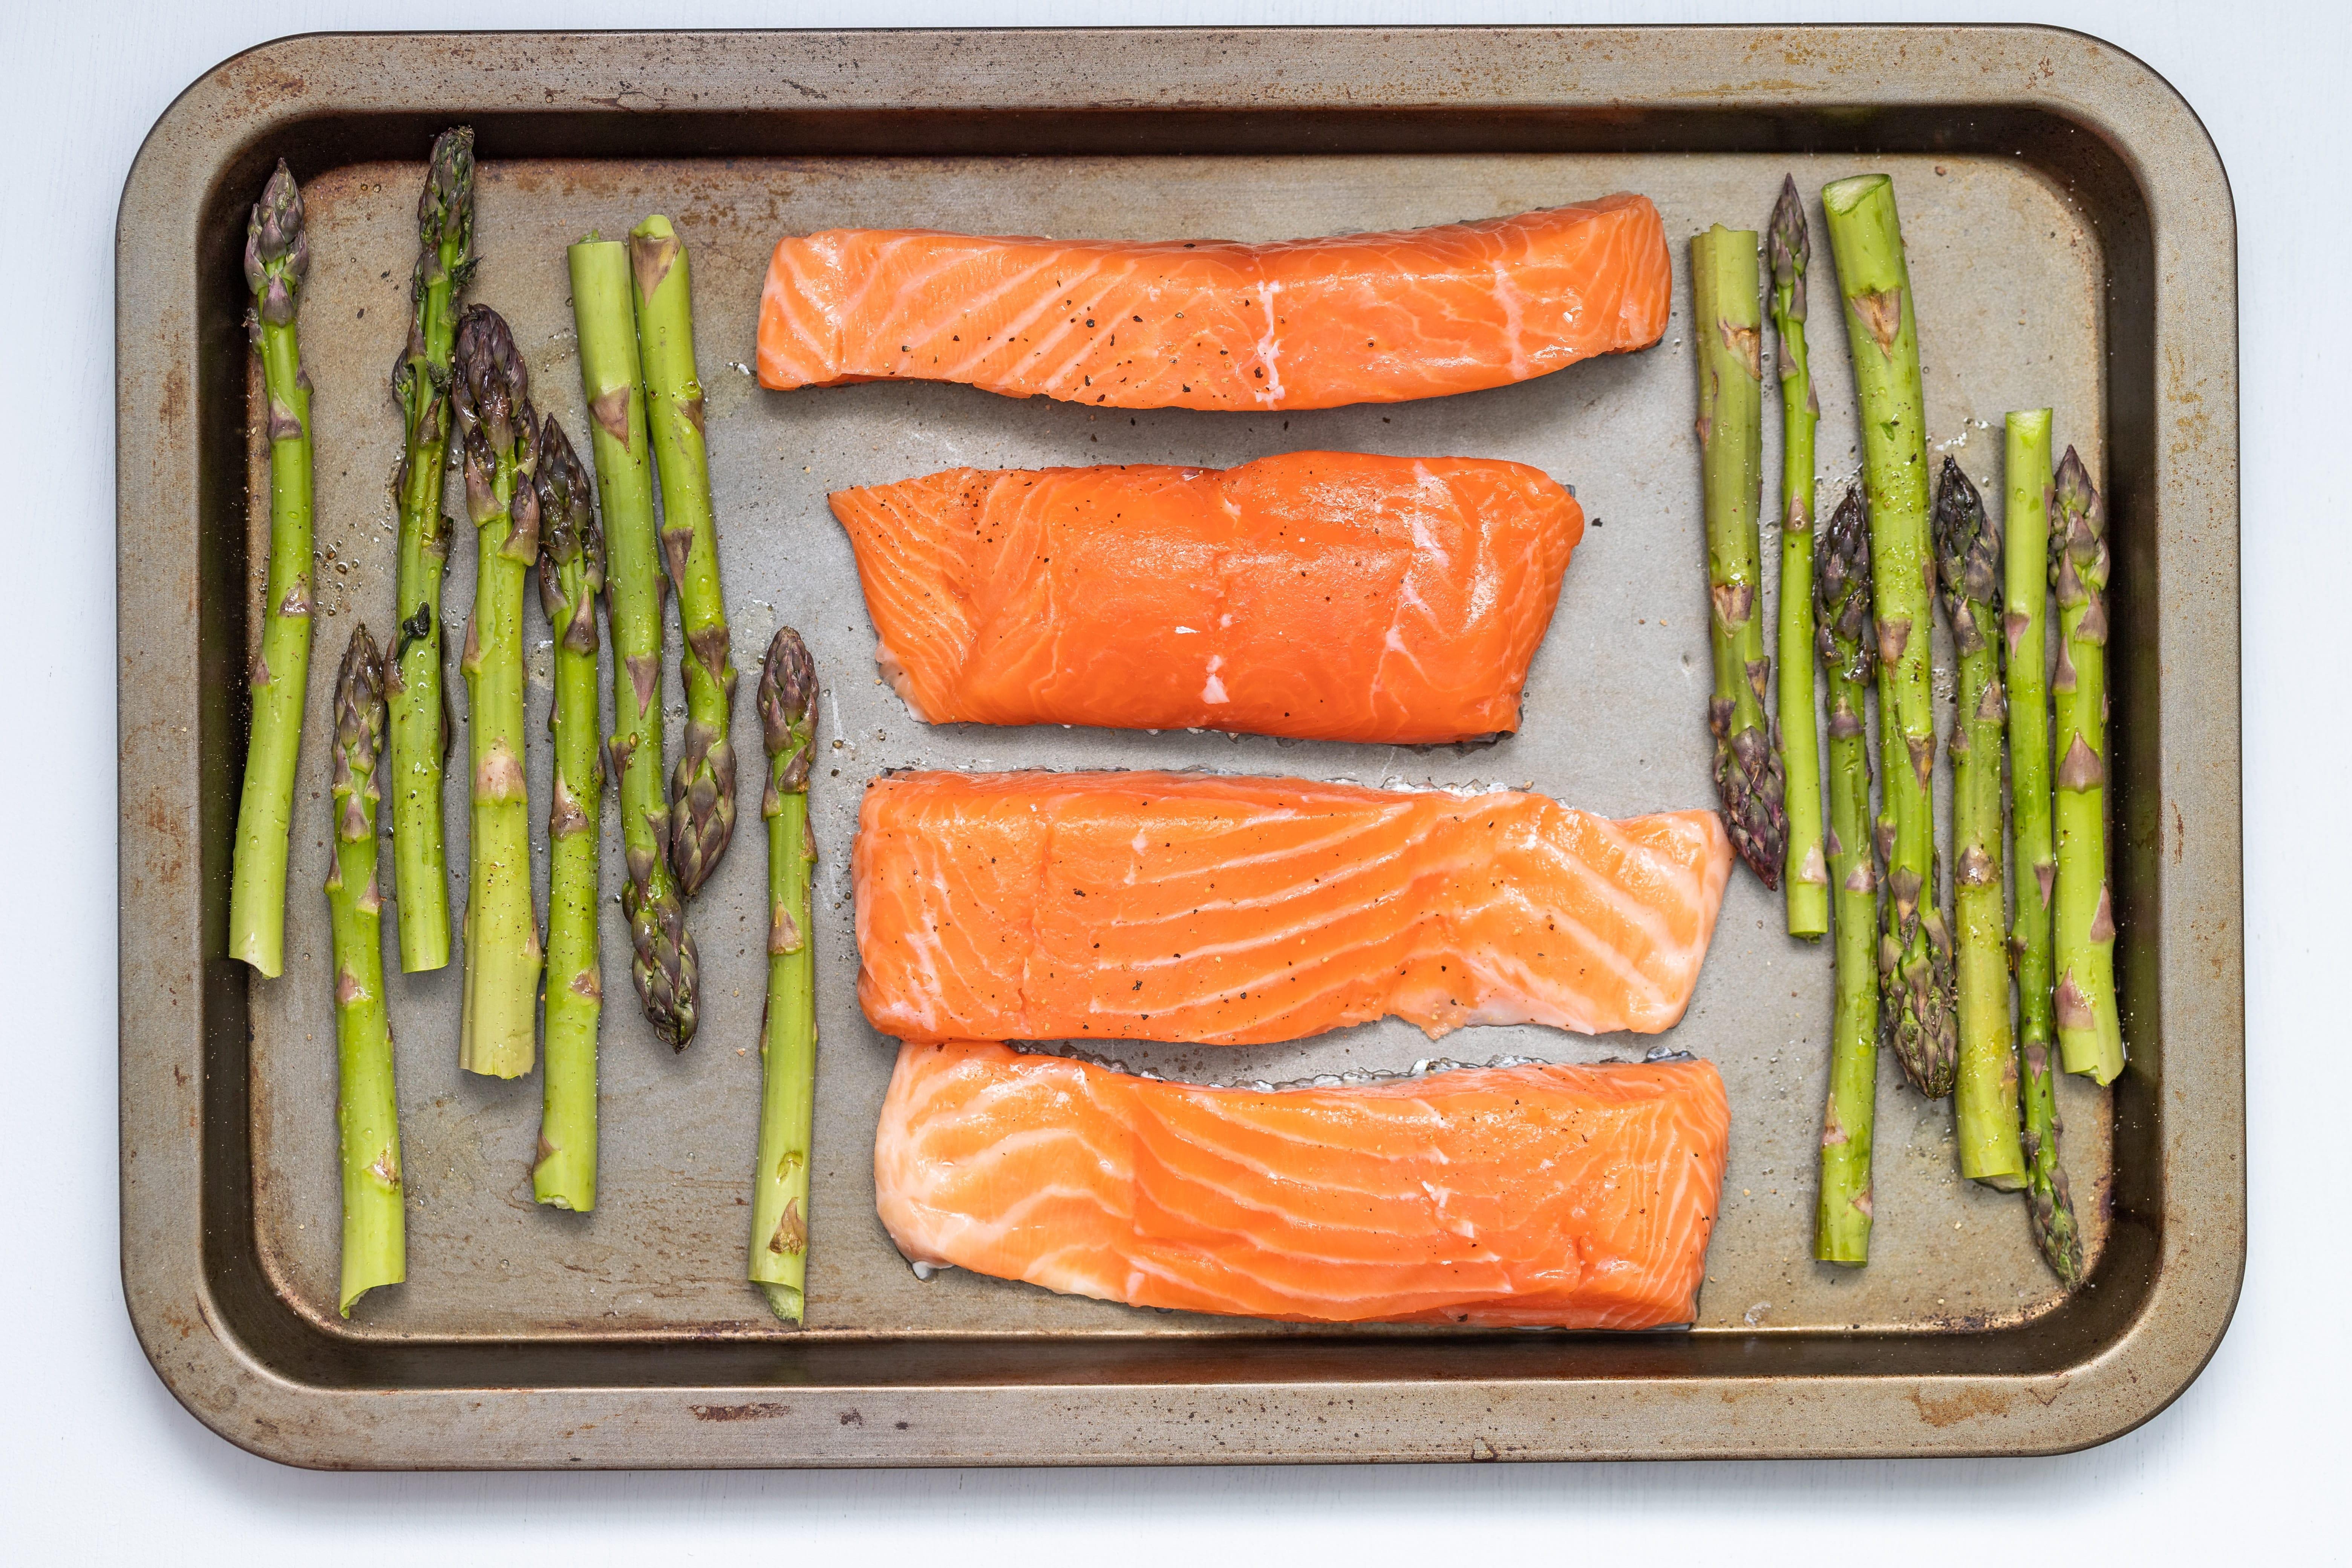 What Makes Salmon Spoil